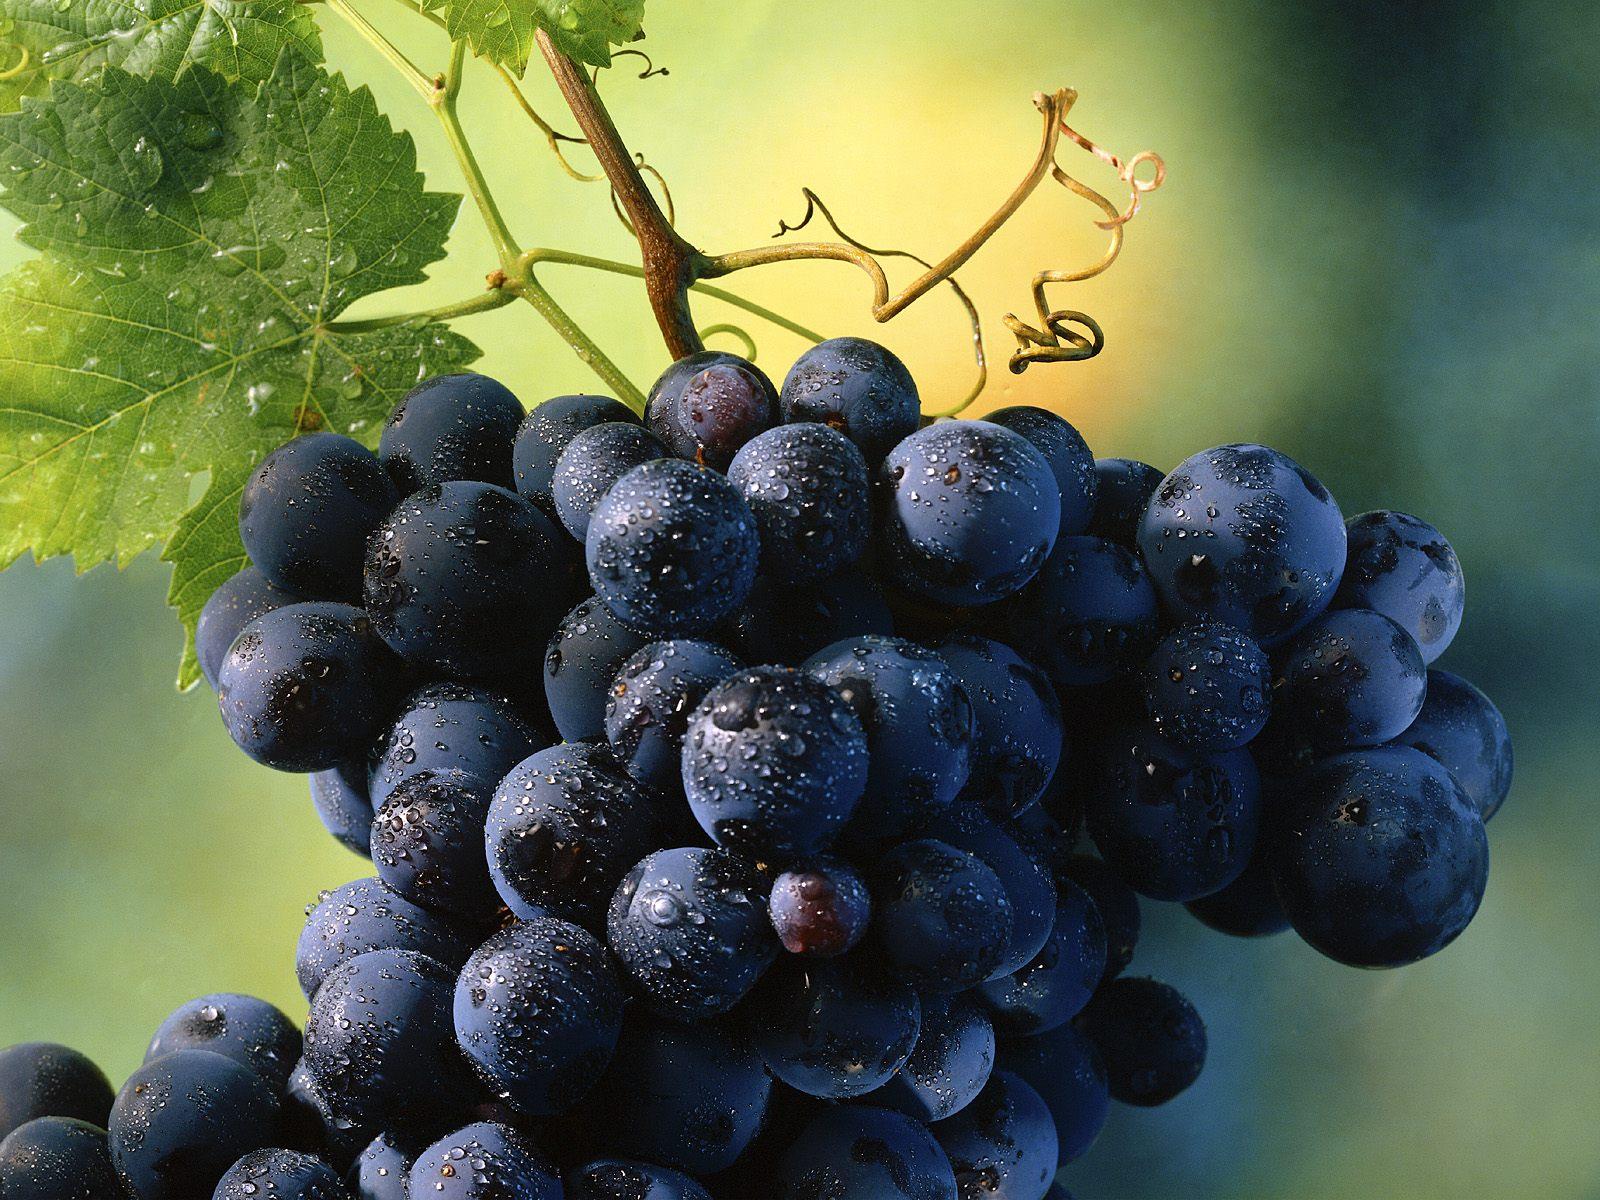 Урожай винограда в Украине в 2014 г. сохранится на уровне прошлого года